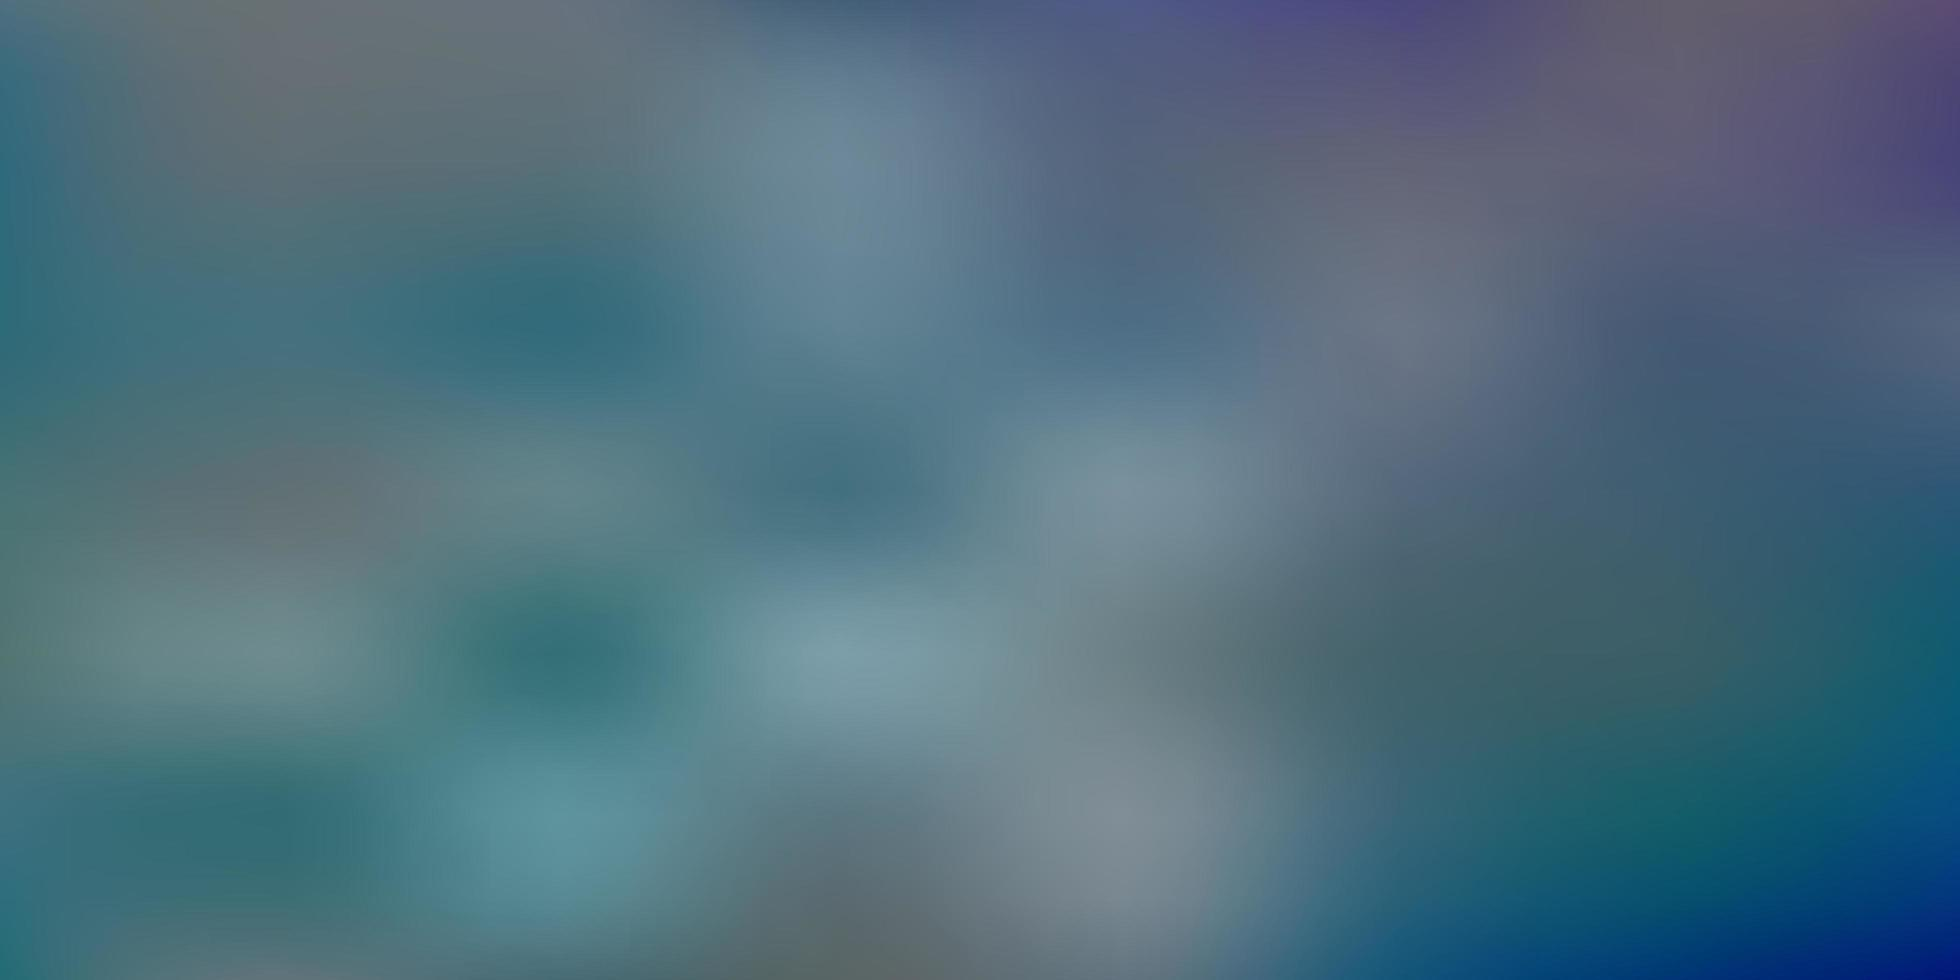 ljusrosa, blå vektor abstrakt oskärpa mall.